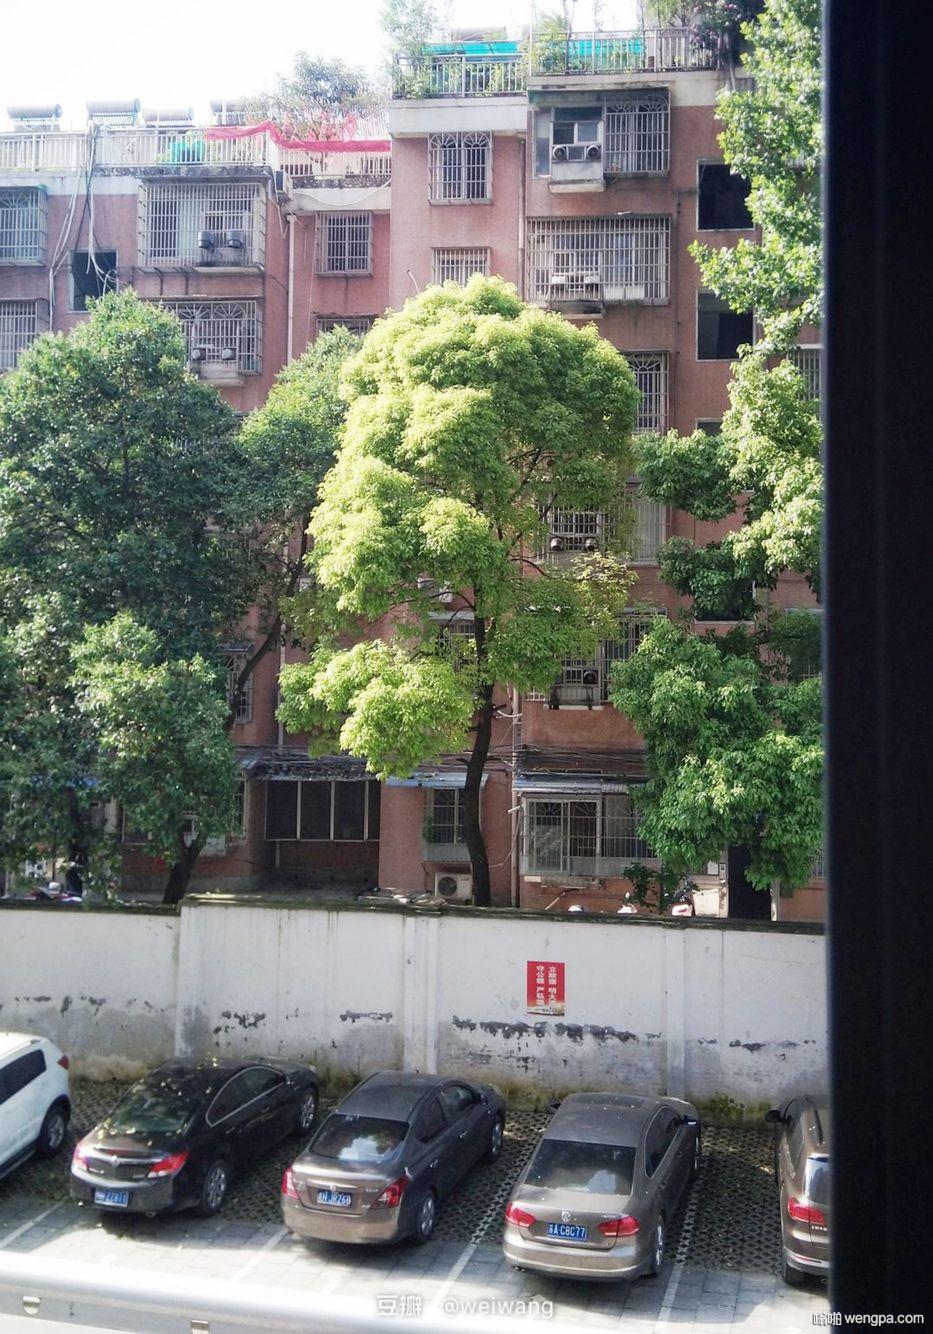 对面那棵树像马克思#生活中发现搞笑表情#